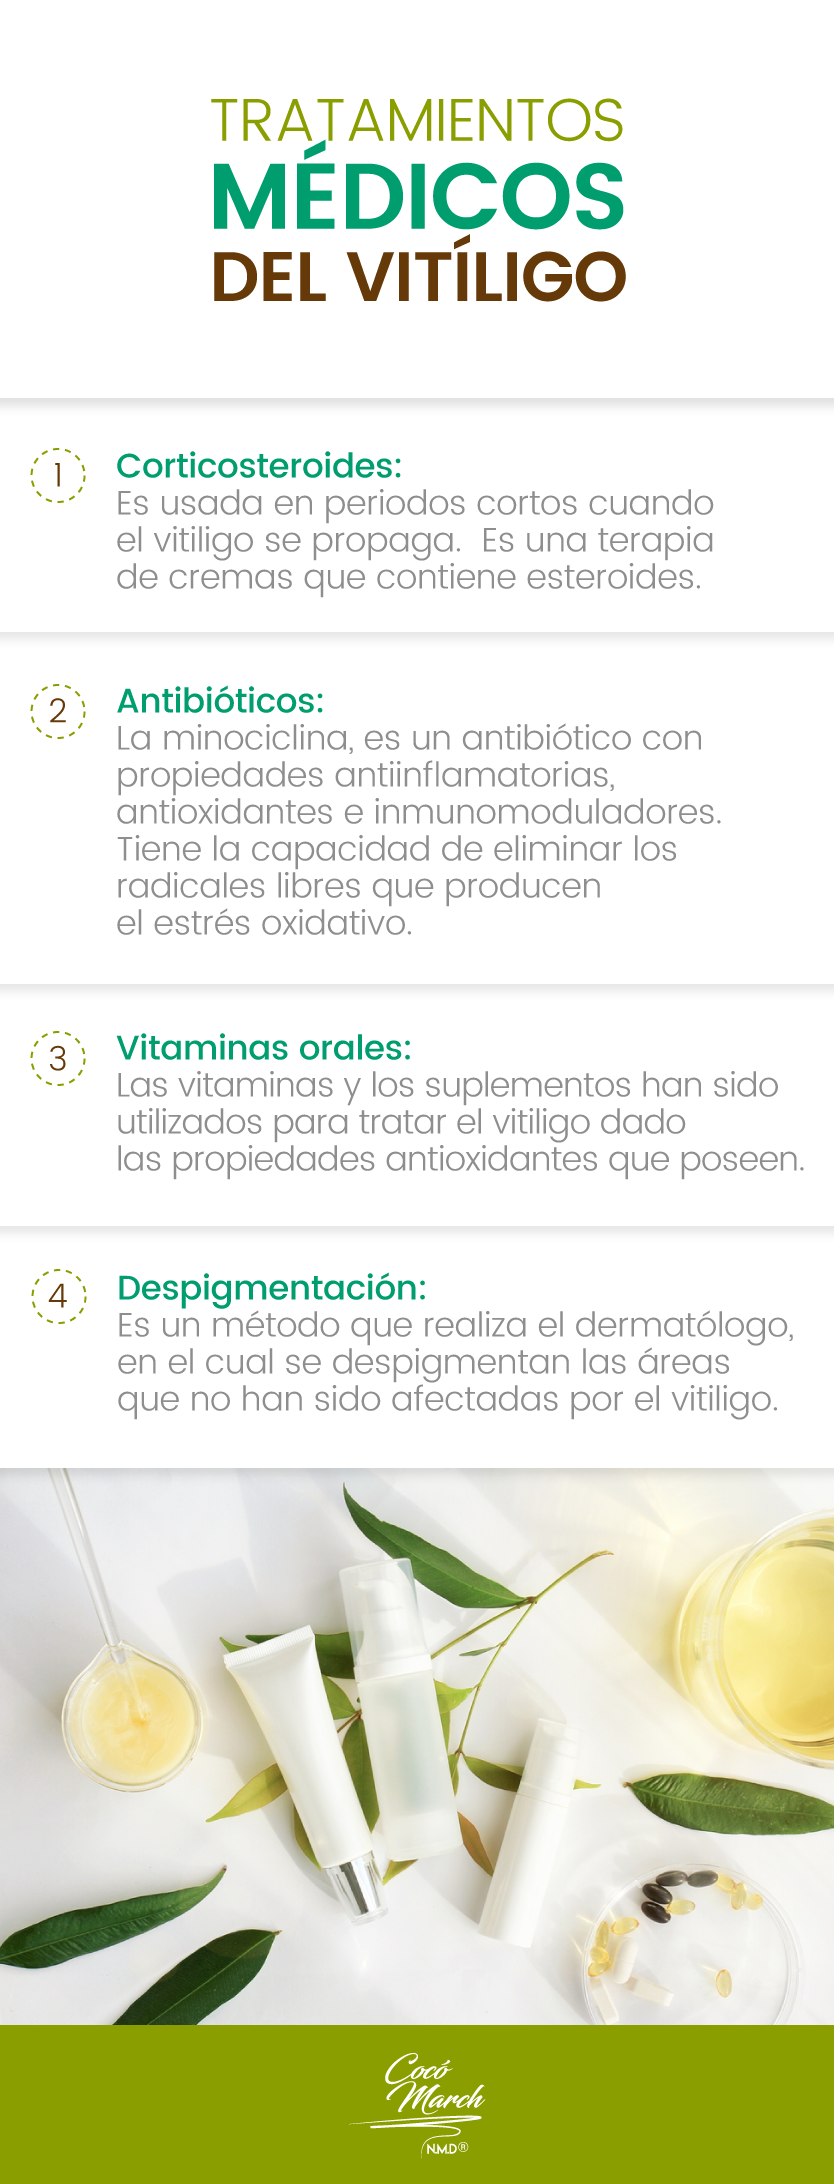 vitiligo-tratamientos-medicos